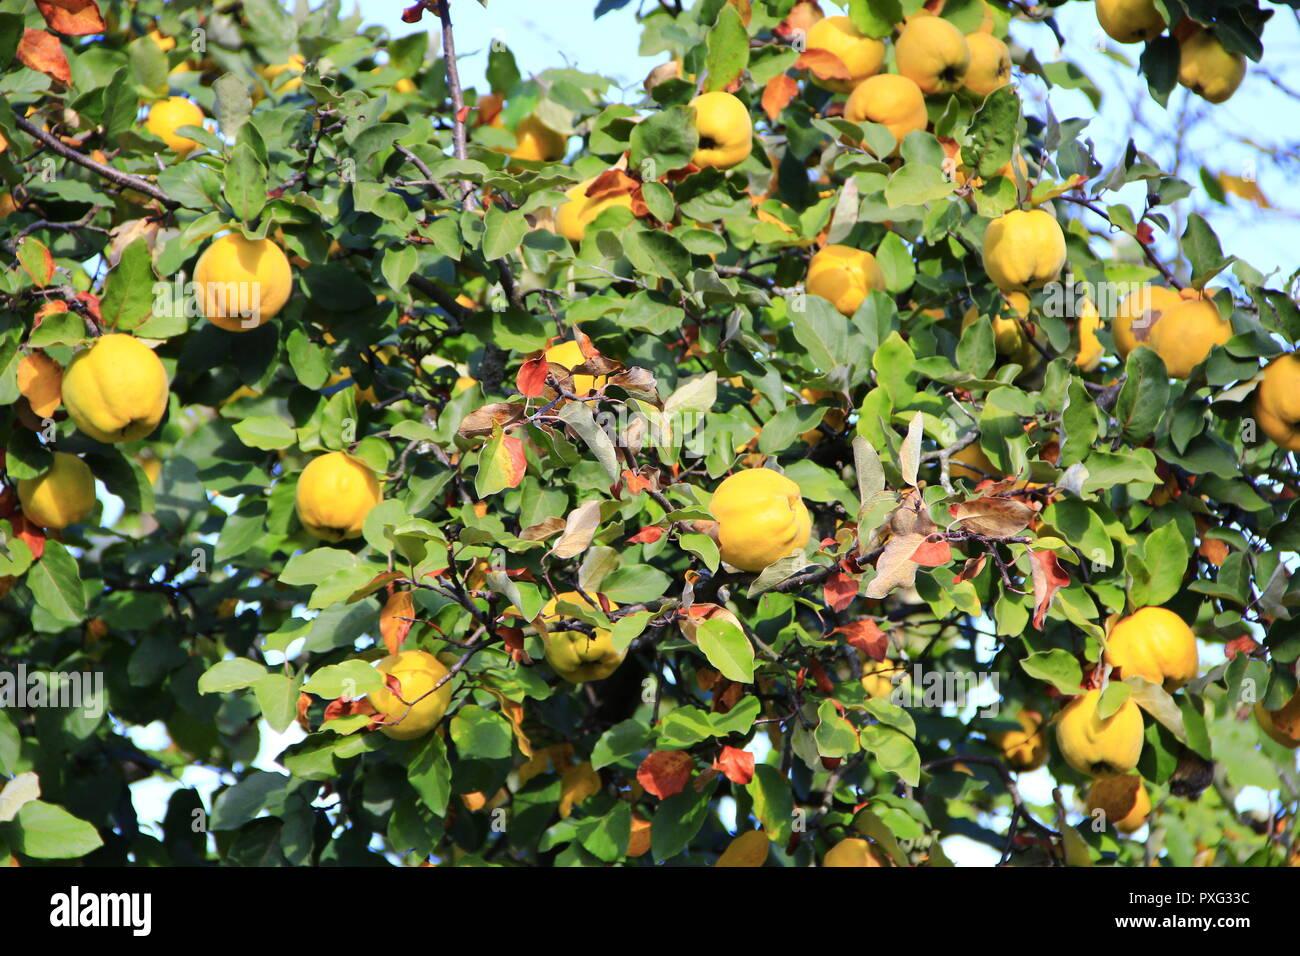 Reife Früchte Mit Quitte Am Baum Quitten Am Baum Frische Früchte